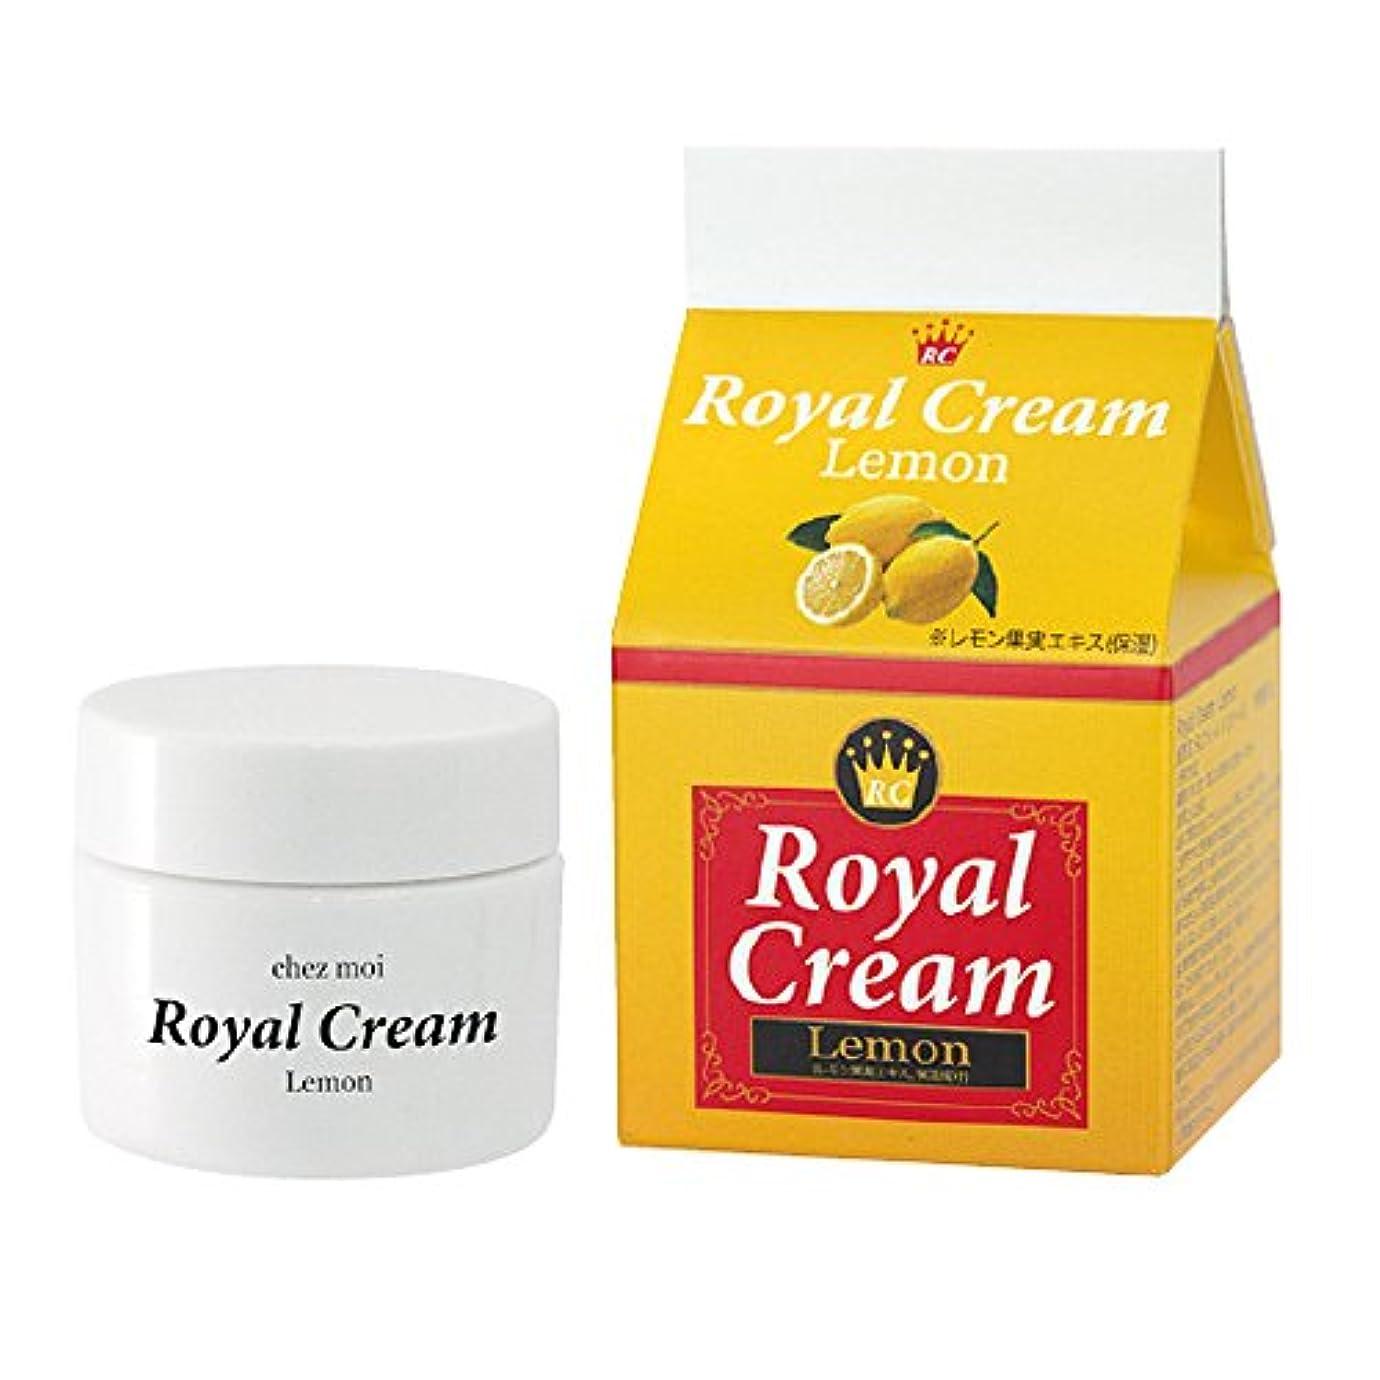 威信非公式南西シェモア Royal Cream Lemon(ロイヤルクリームレモン) 30g